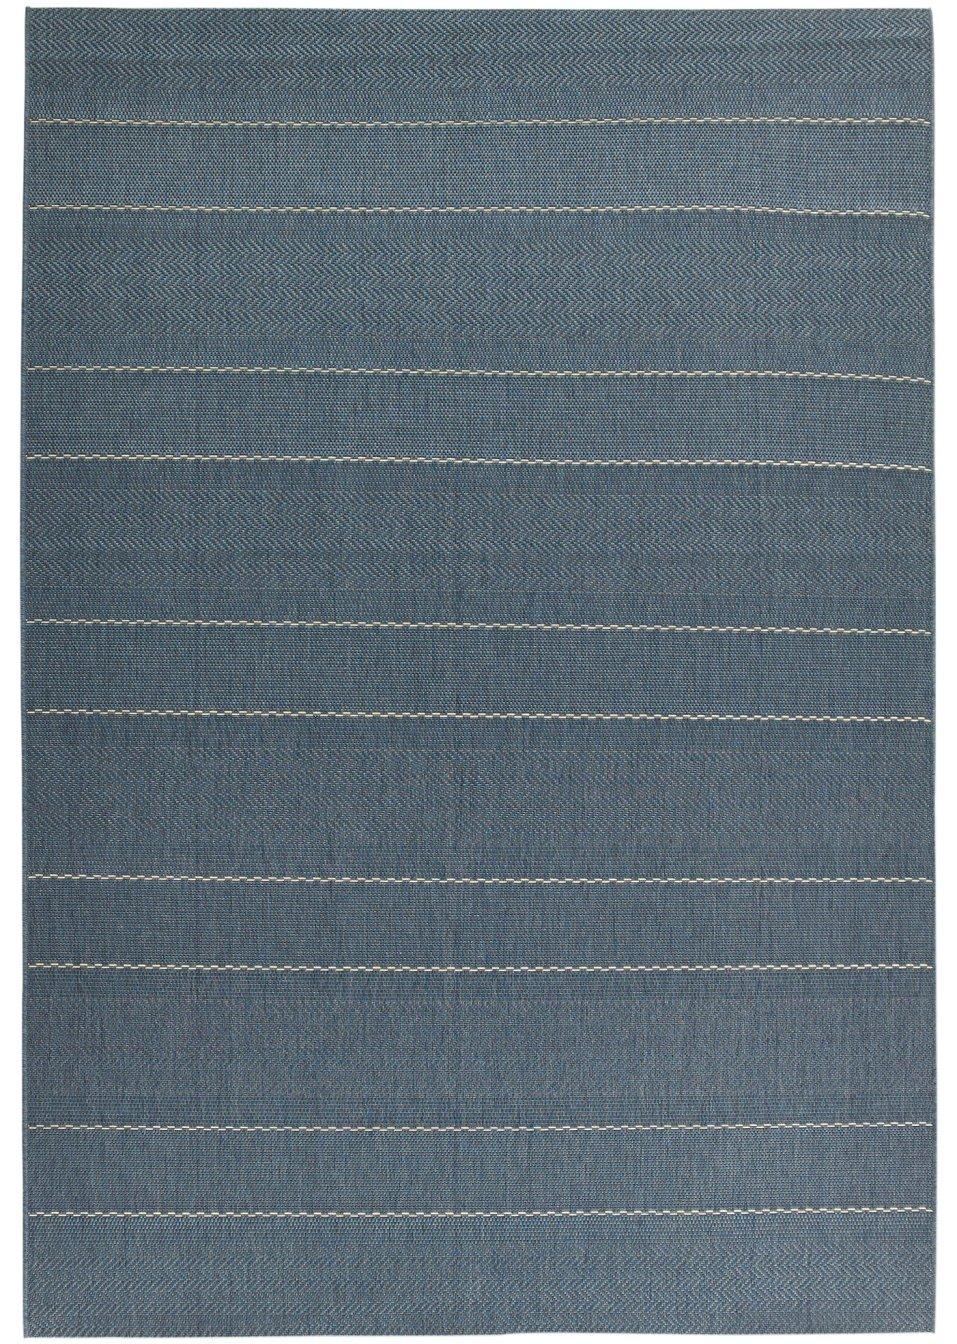 Tapis bayreuth usage int rieur et ext rieur bleu jean for Tapis exterieur bleu